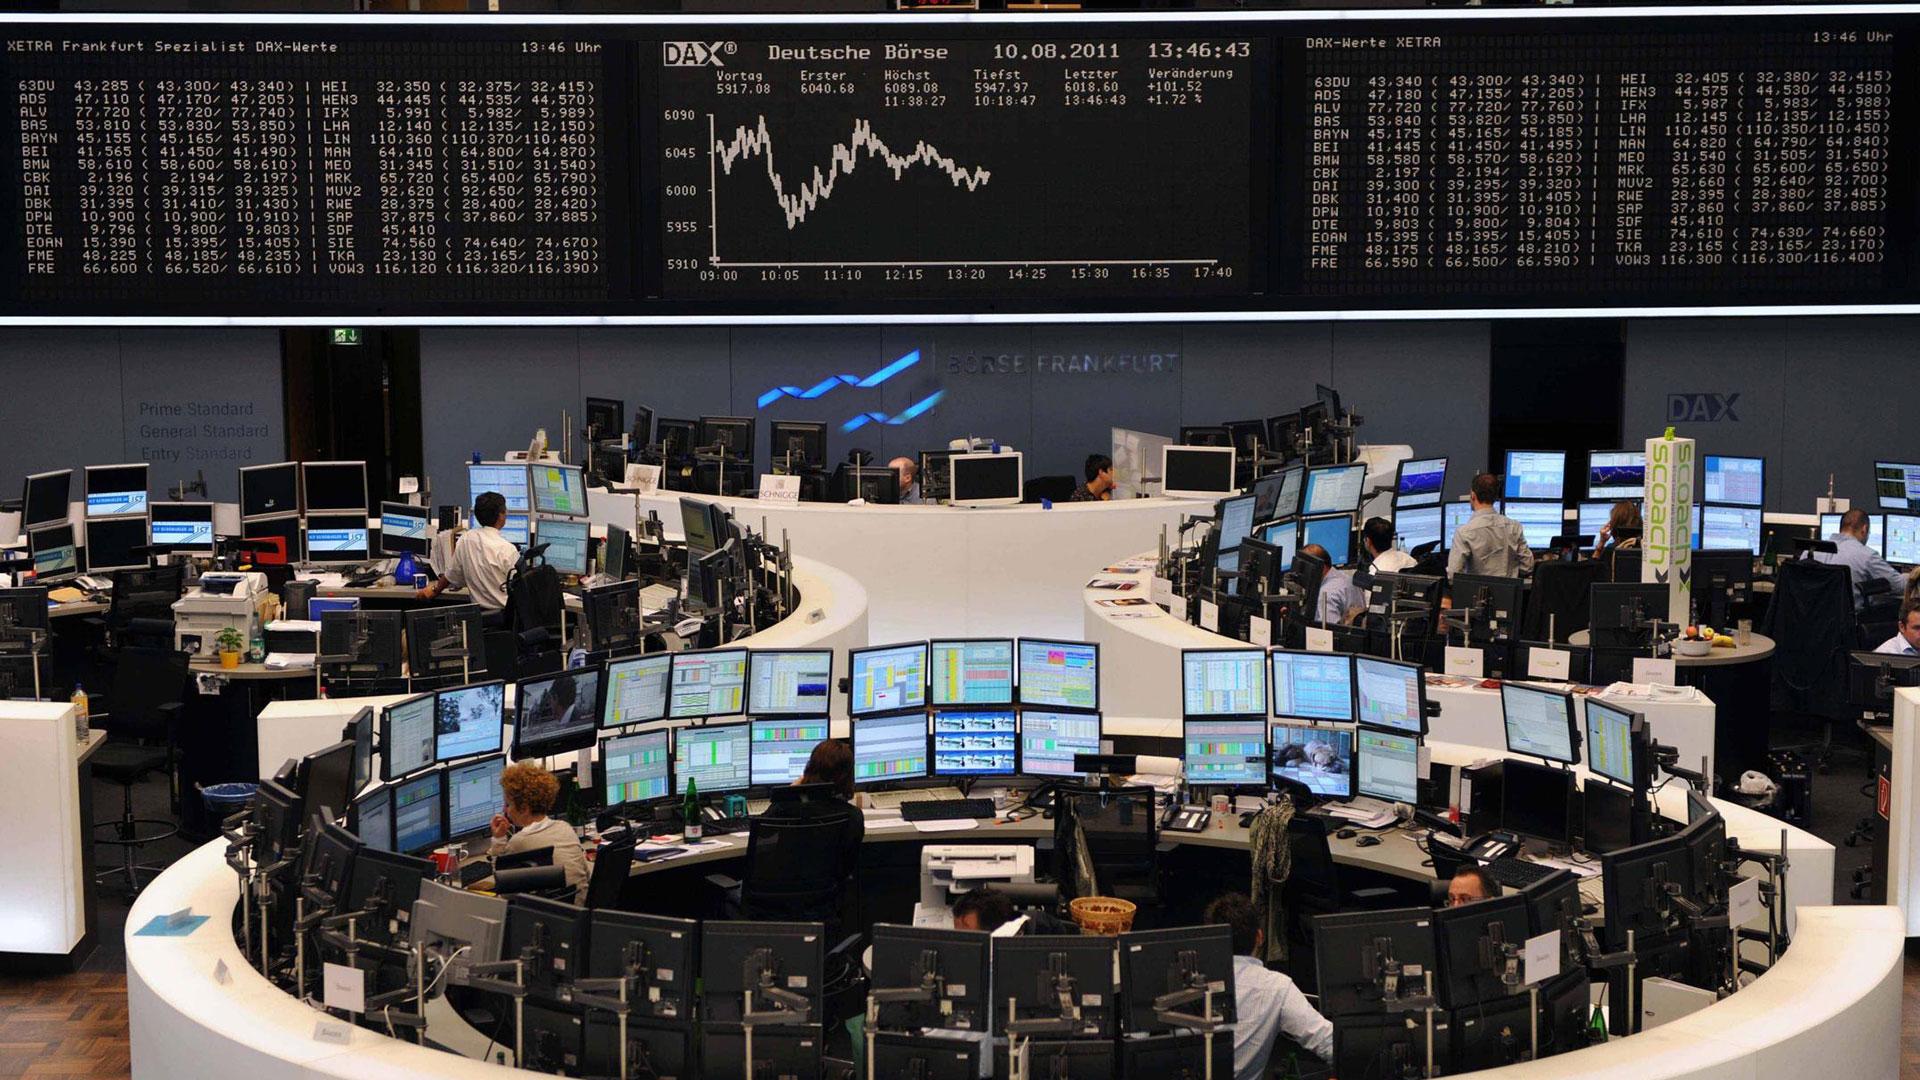 La Bolsa abrió con importantes pérdidas antes de recuperarse en parte, mientras que los inversores corrieron para deshacerse de sus bonos italianos. También en Alemania se reportaron pérdidas, aunque luego el índice DAX se recuperó (Reuters)